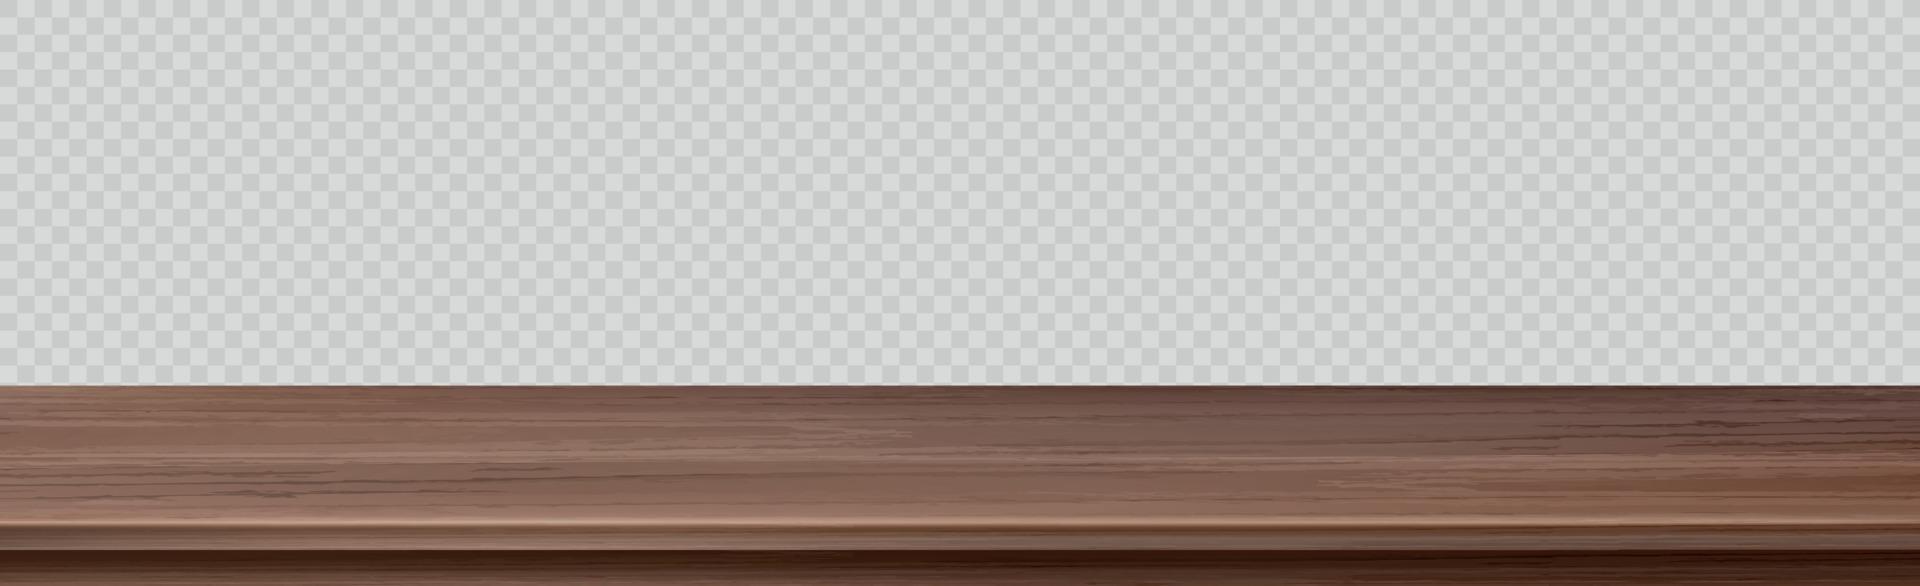 stor bordsskiva massiv trä textur bakgrund - vektor